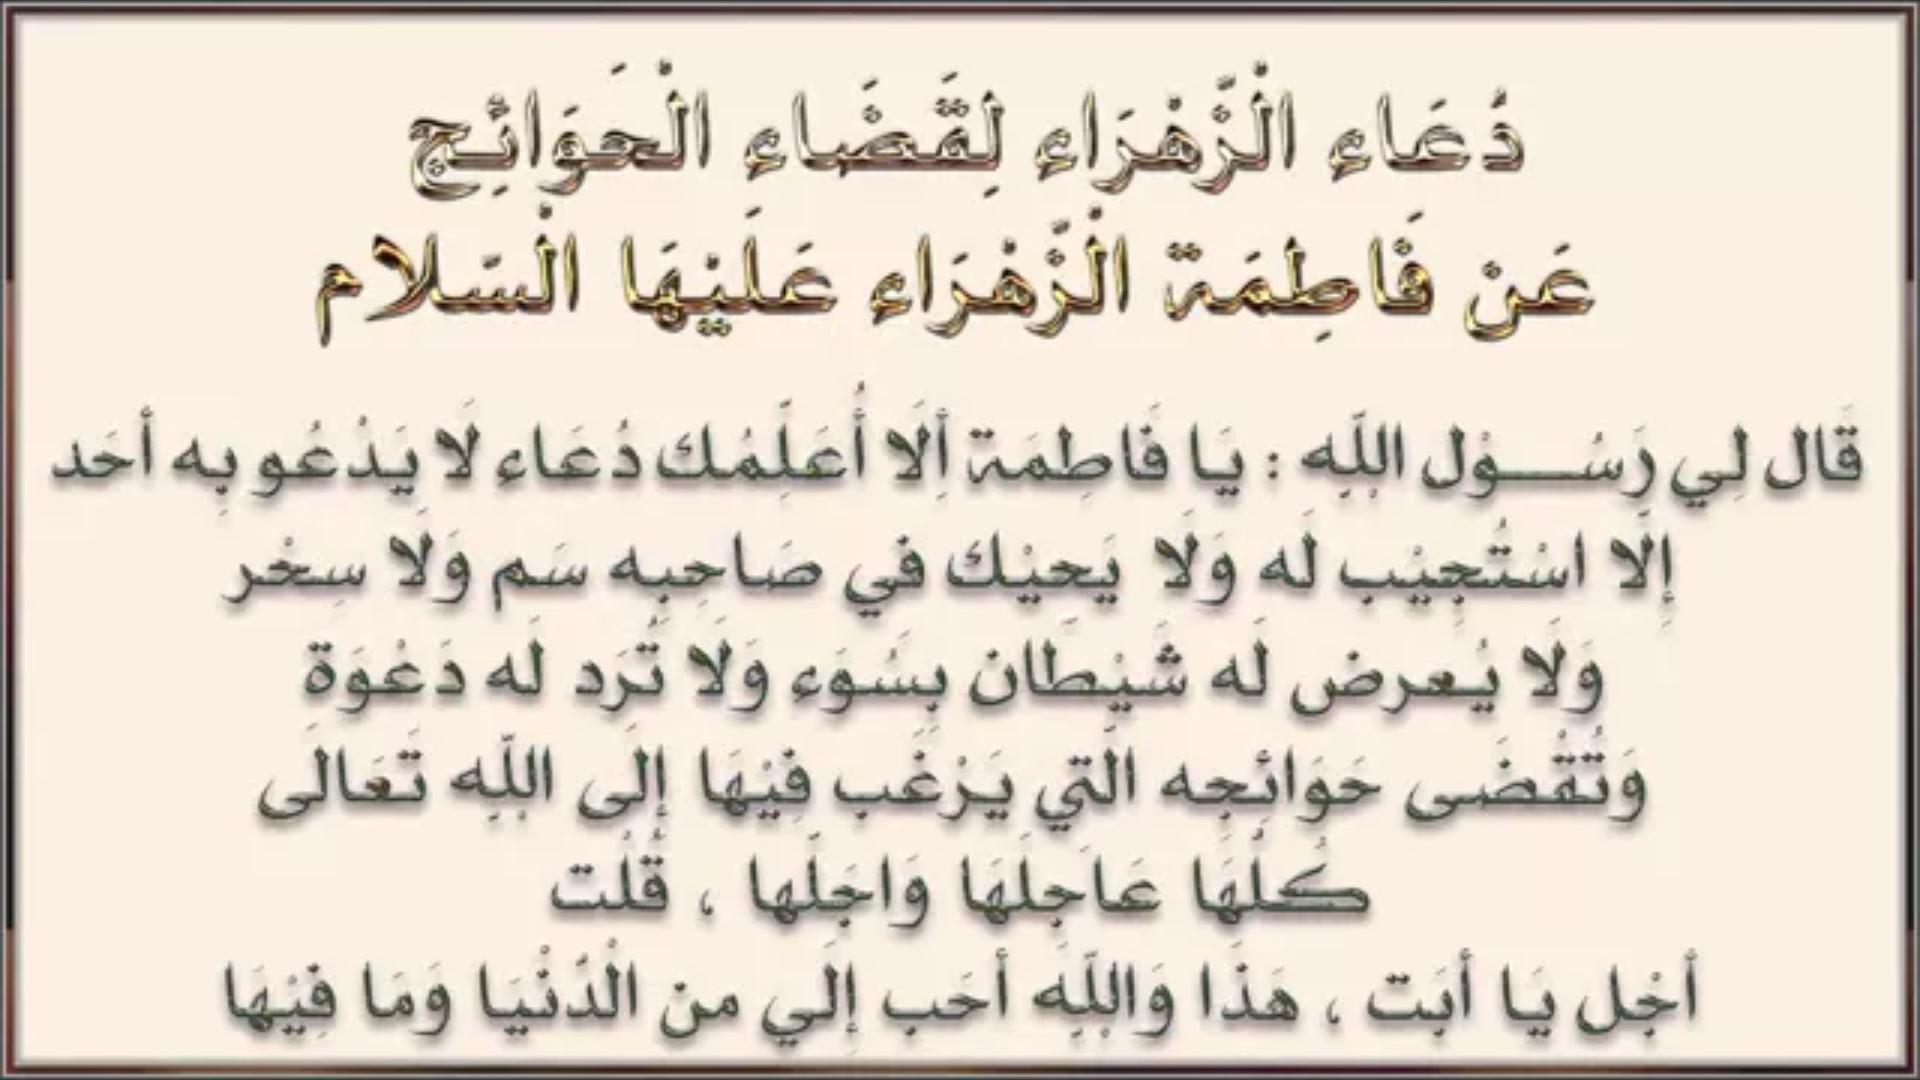 بالصور دعاء طلب الحاجة , ادعيه والتقرب من الله لطلب الحاجه 6005